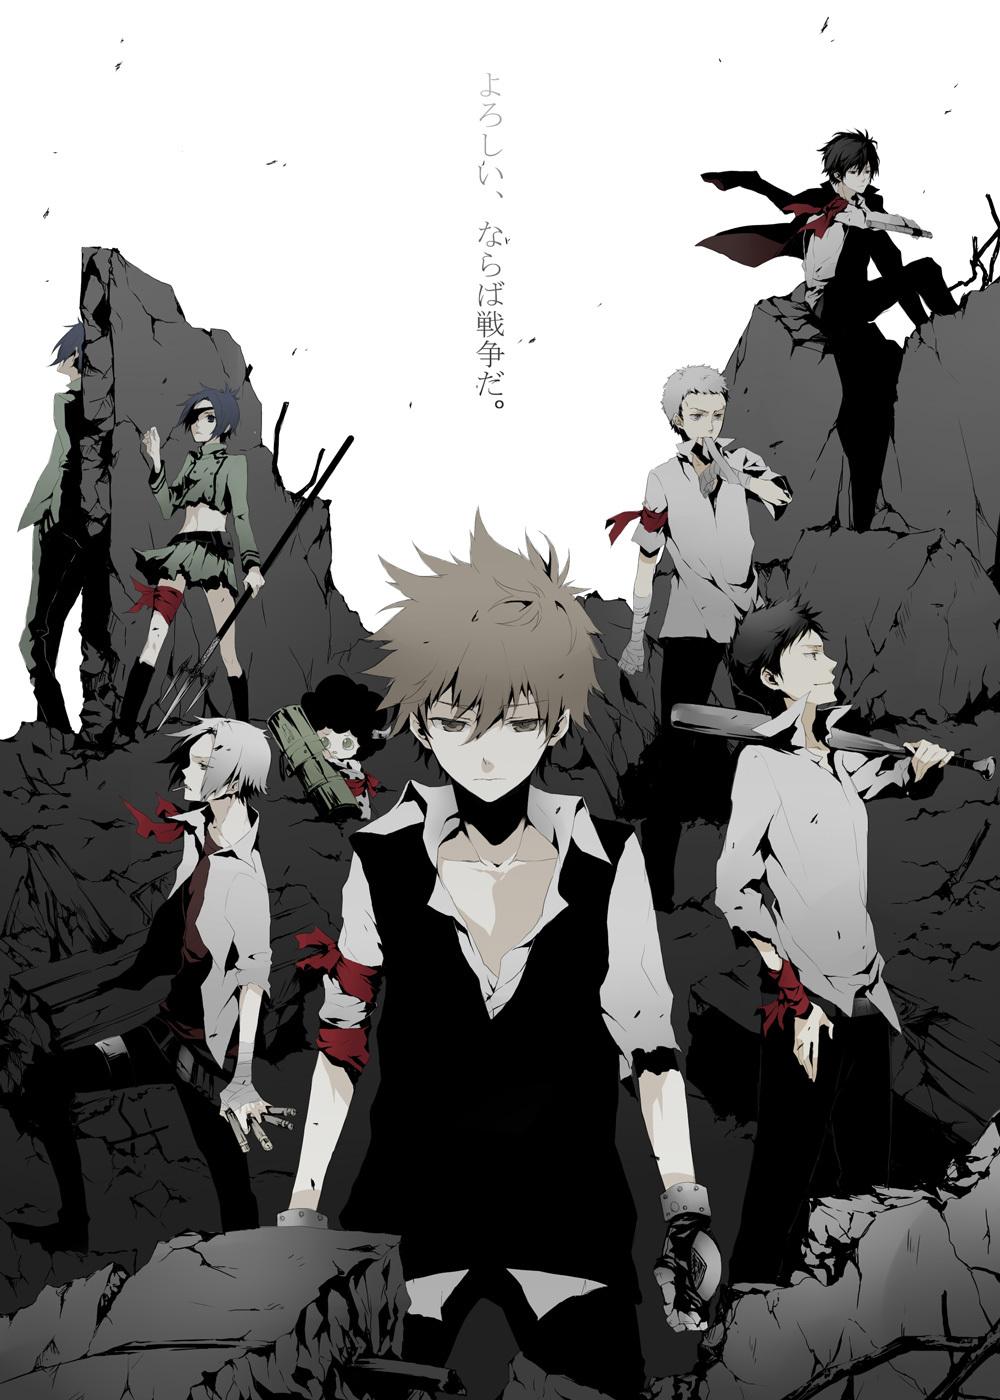 Katekyo Hitman Reborn Mobile Wallpaper 220362 Zerochan Anime